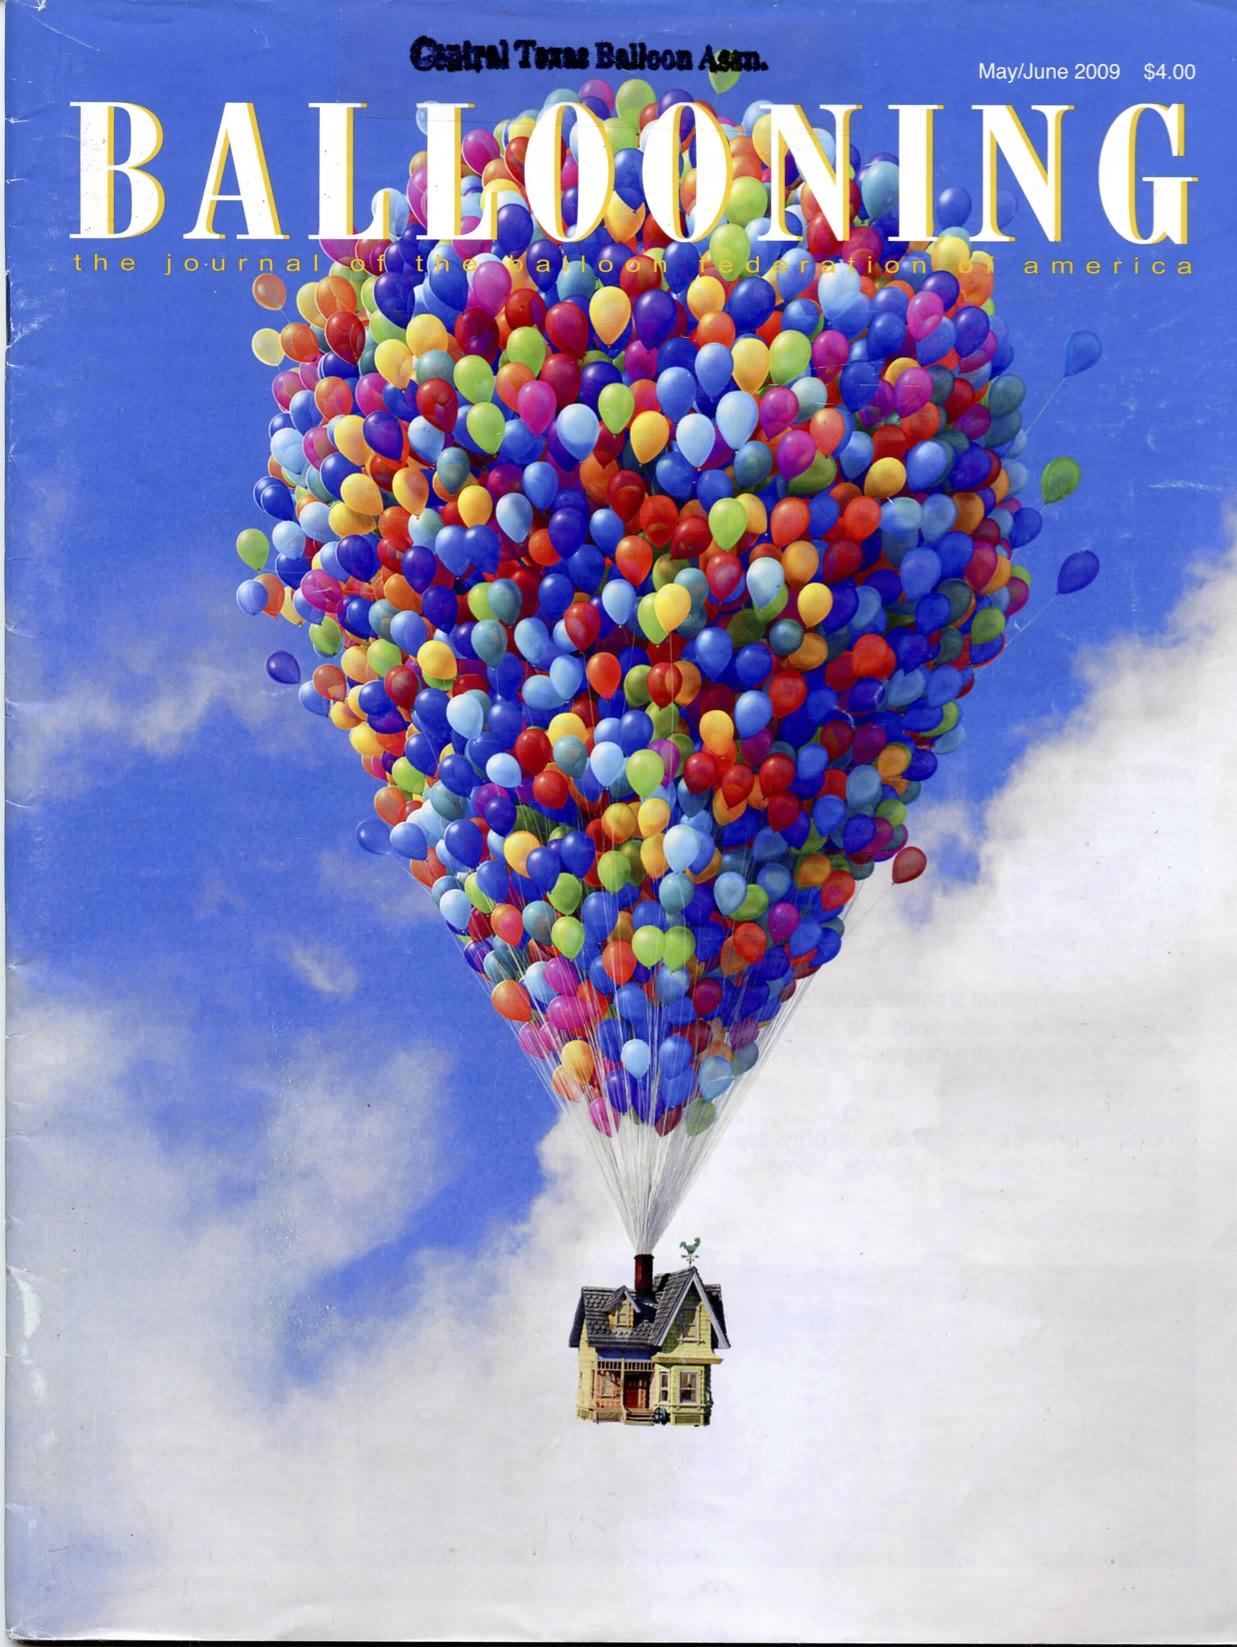 BFA_Magazine_covers May 2009.jpg